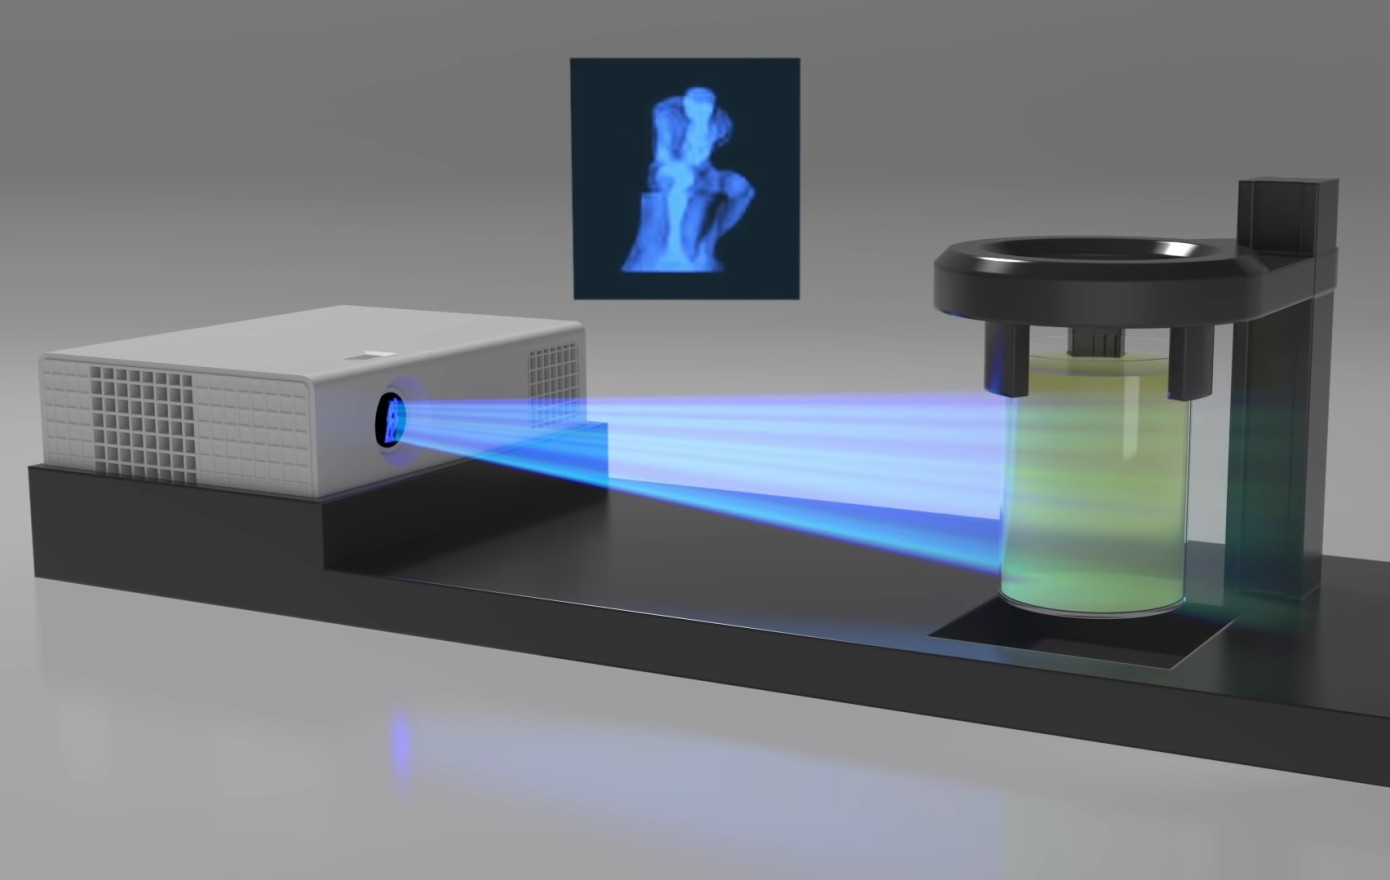 Новый 3D-принтер материализует объекты под действием света